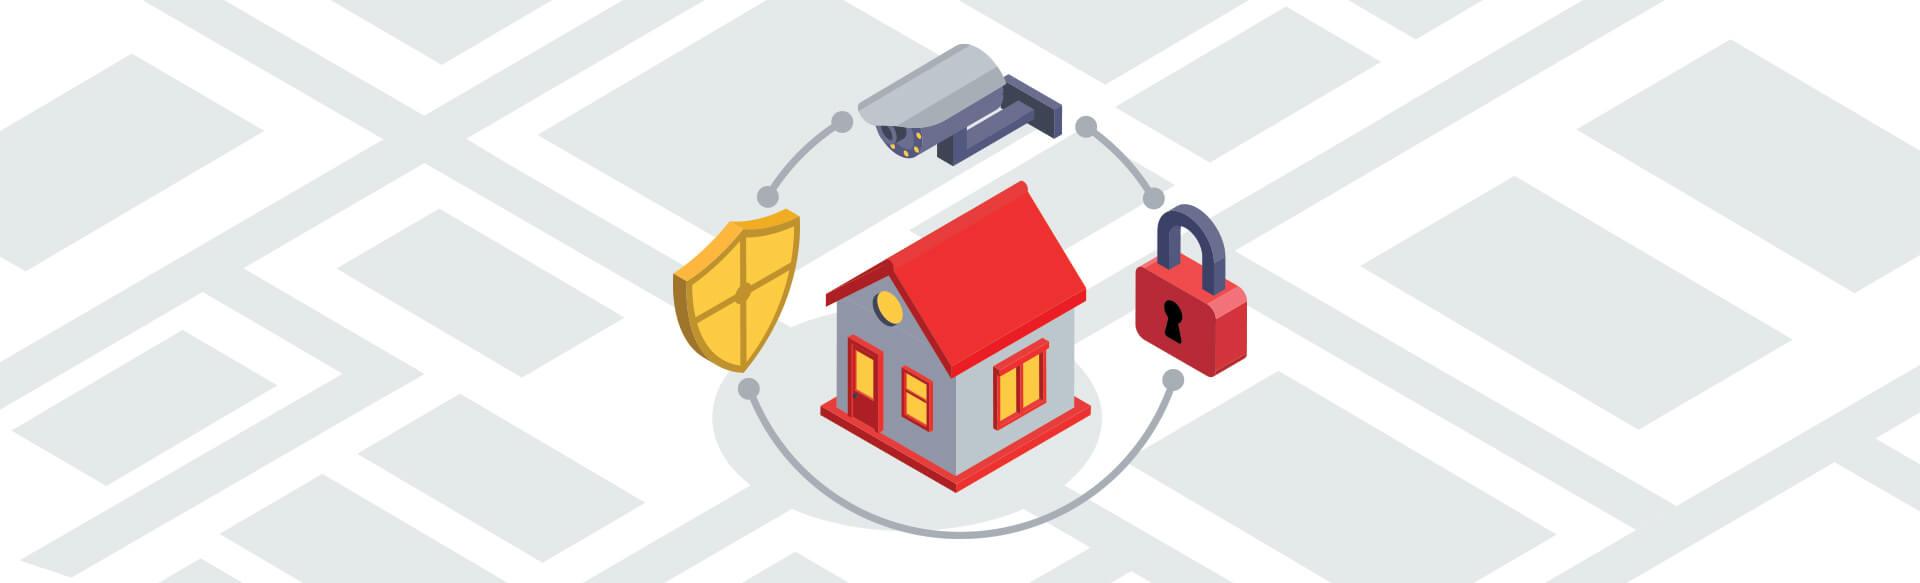 Aumentando a segurança no condomínio.